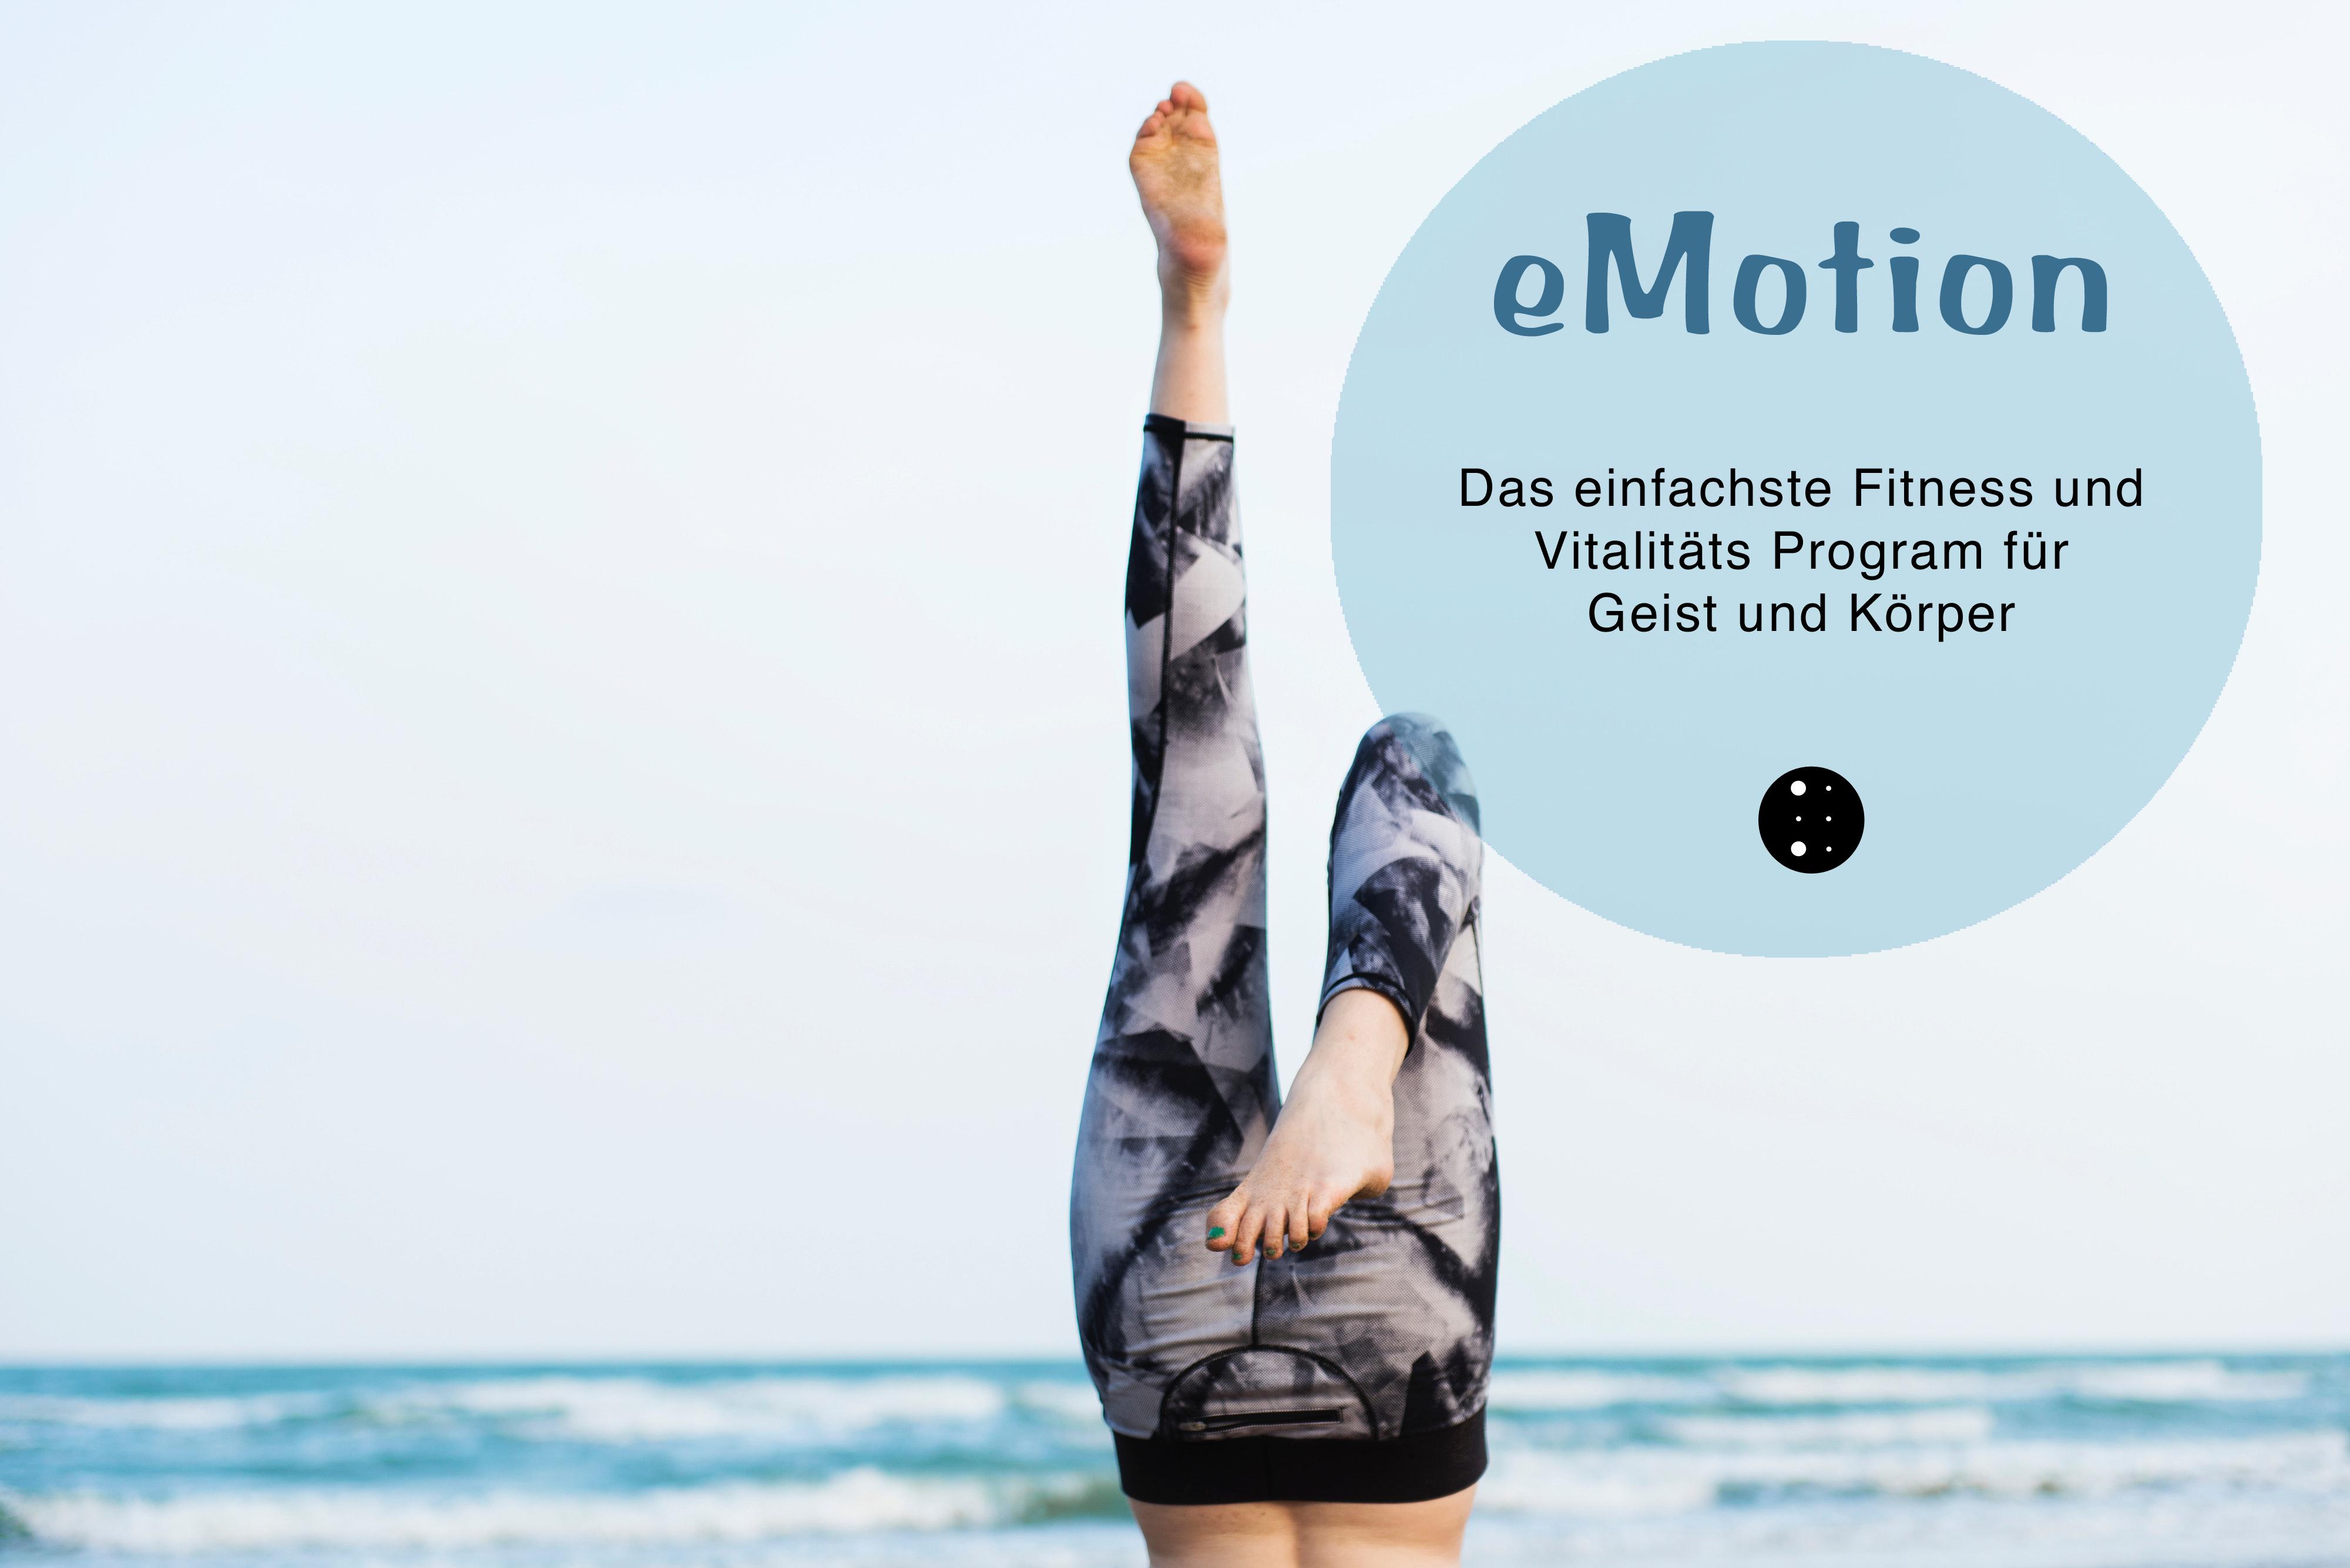 eMotion Program 2019 deutsch